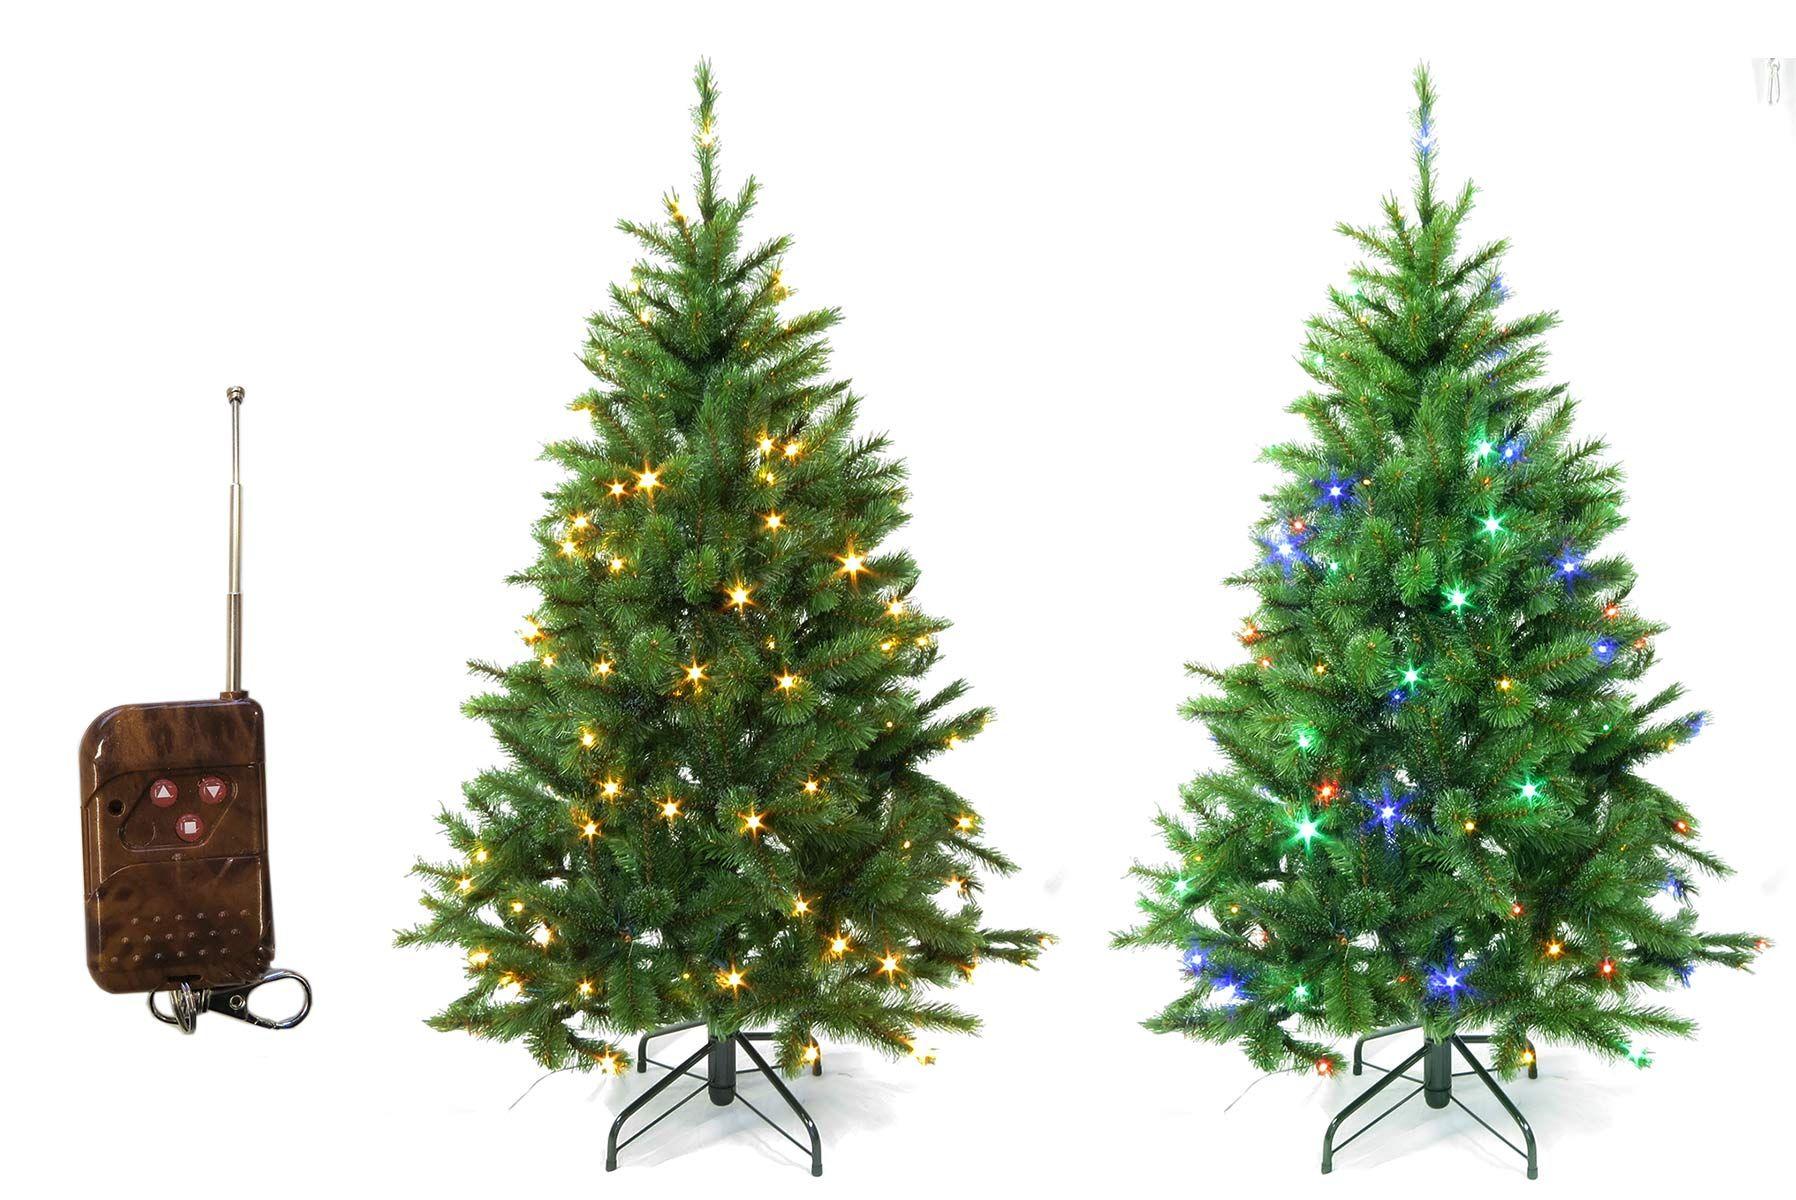 Geschmückter Künstlicher Weihnachtsbaum Mit Lichterkette.Künstlicher Weihnachtsbaum Mit Led Warmweiß Oder Bunt Wählbar über